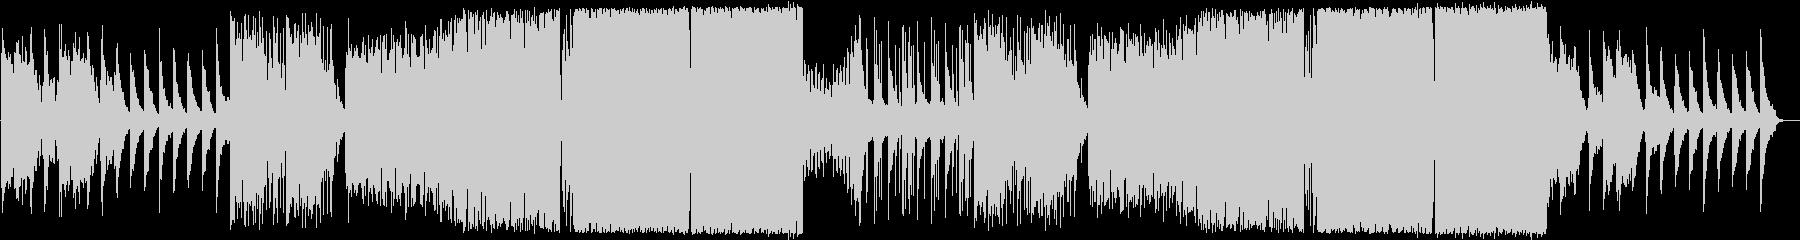 ピアノとボーカルチョップが爽やかなEDMの未再生の波形